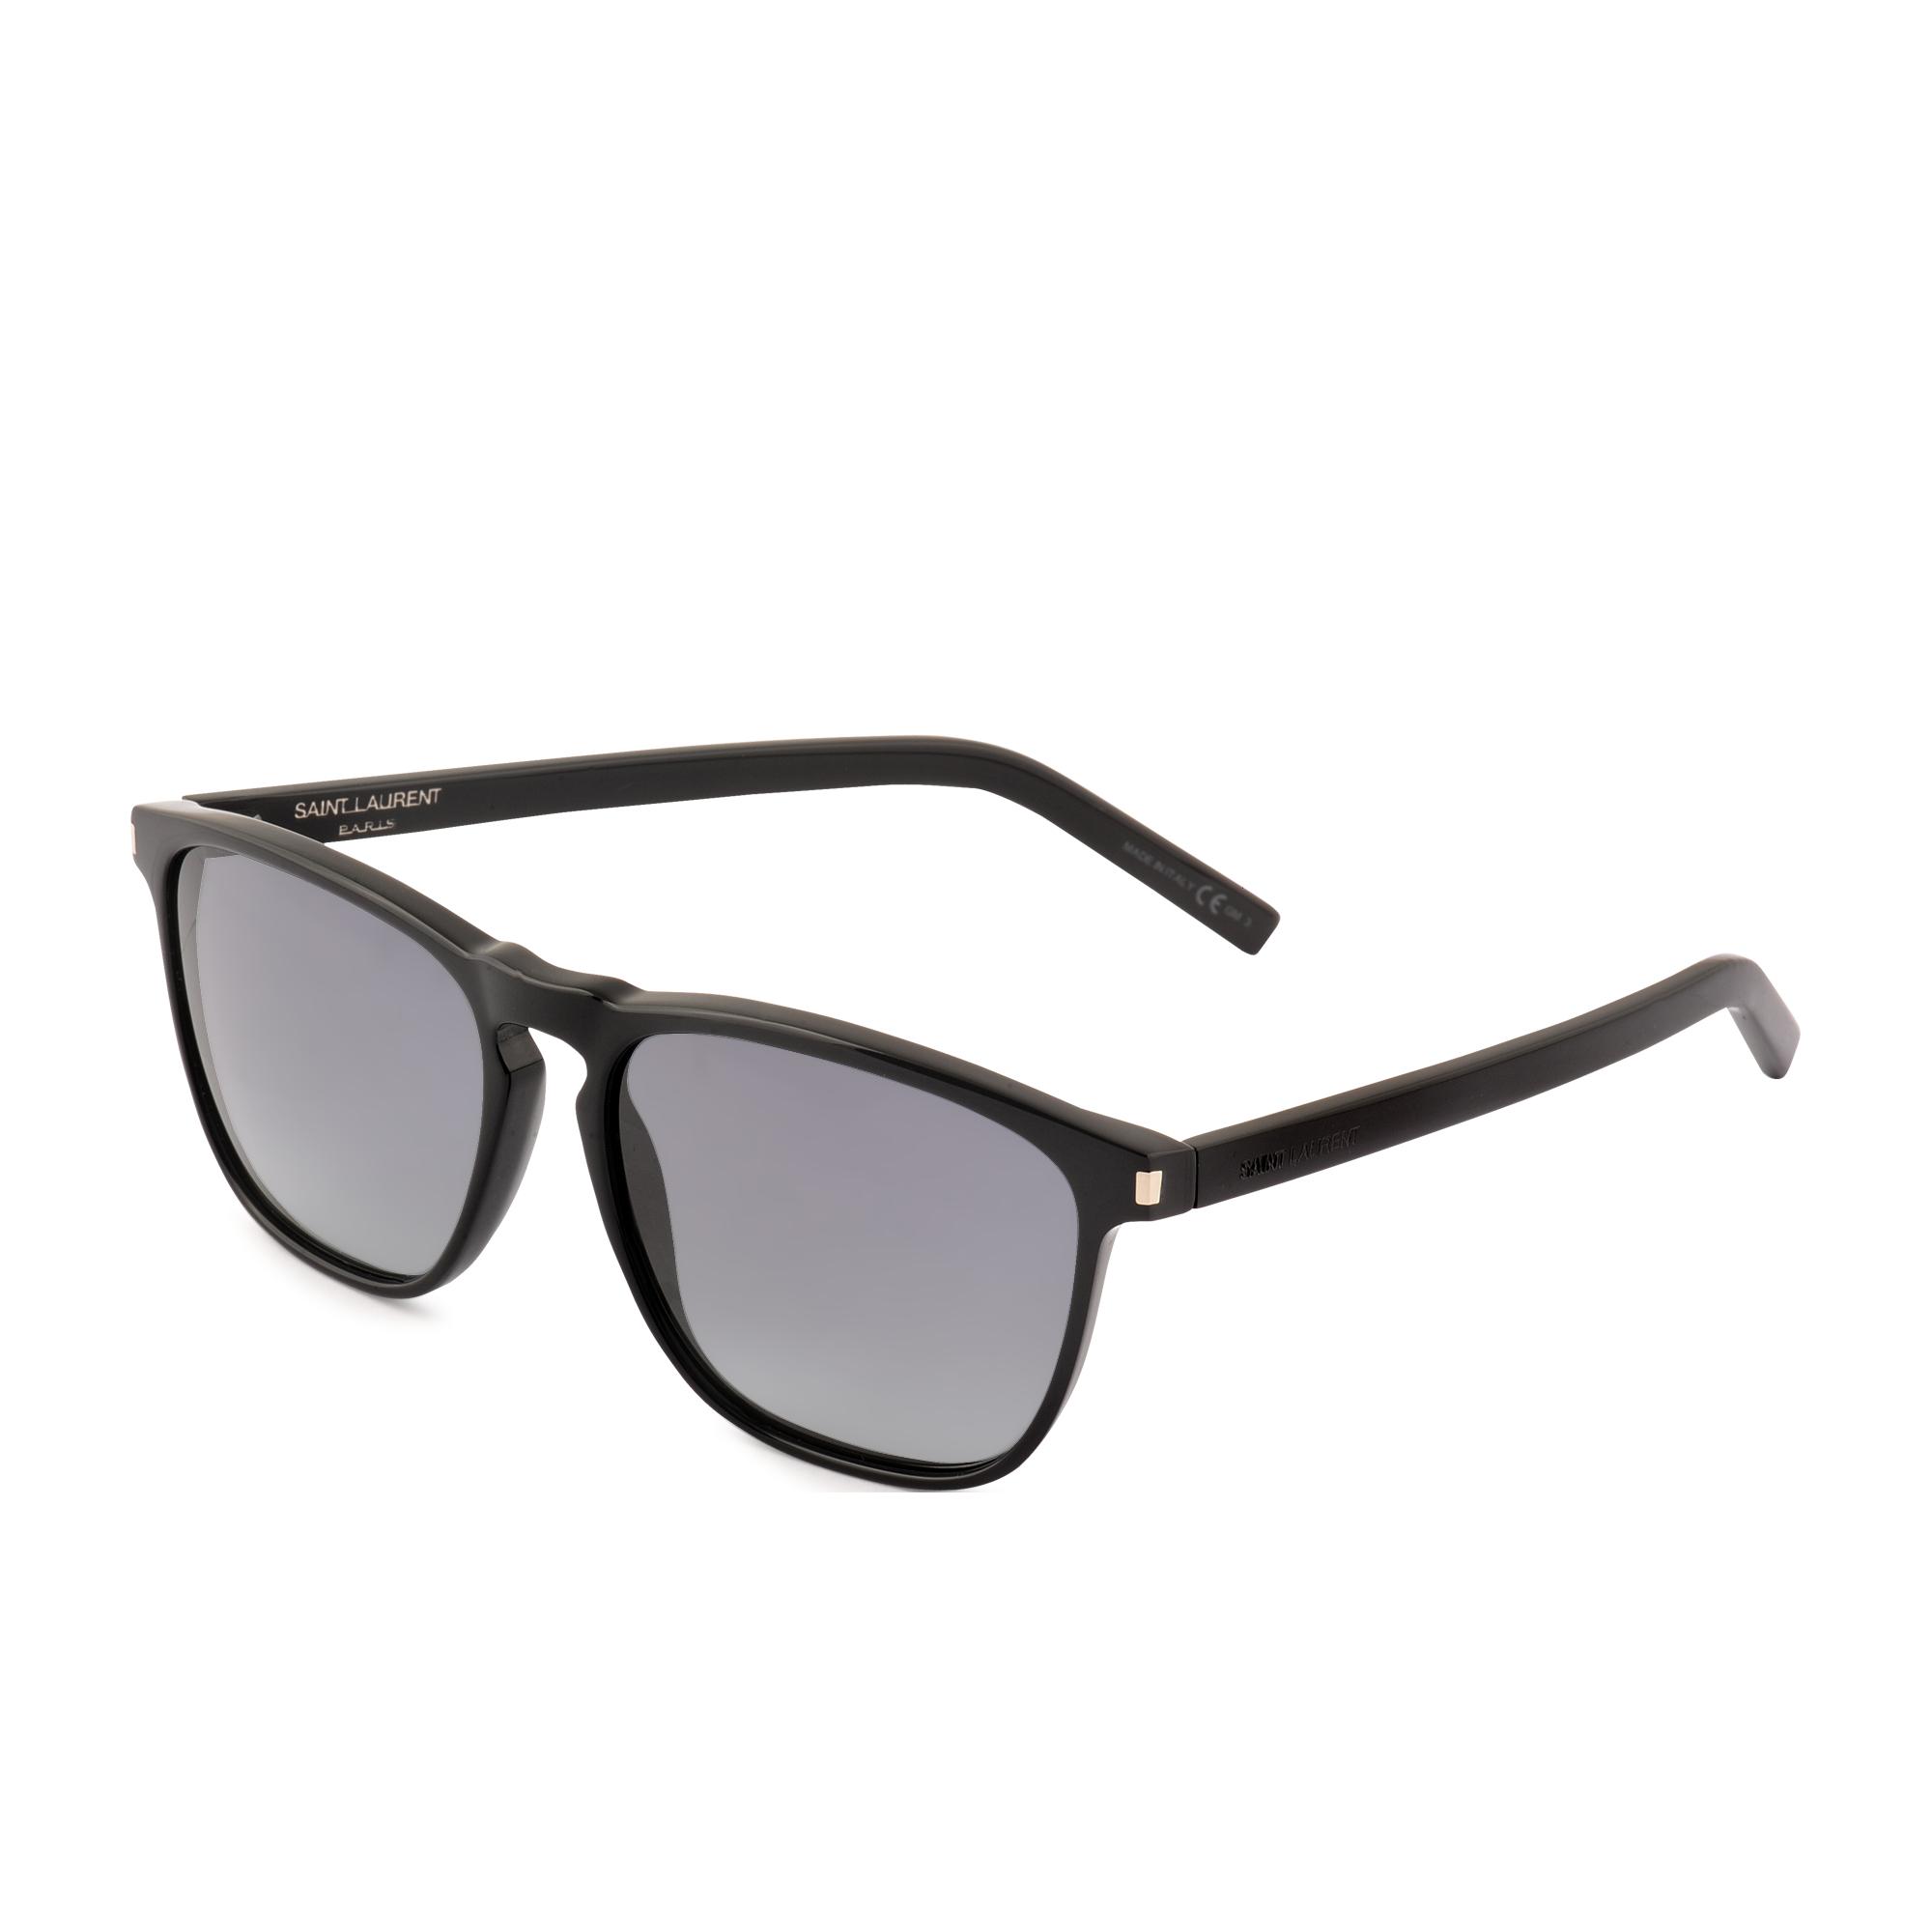 Saint Laurent SL 27 Sunglasses WN8L8l